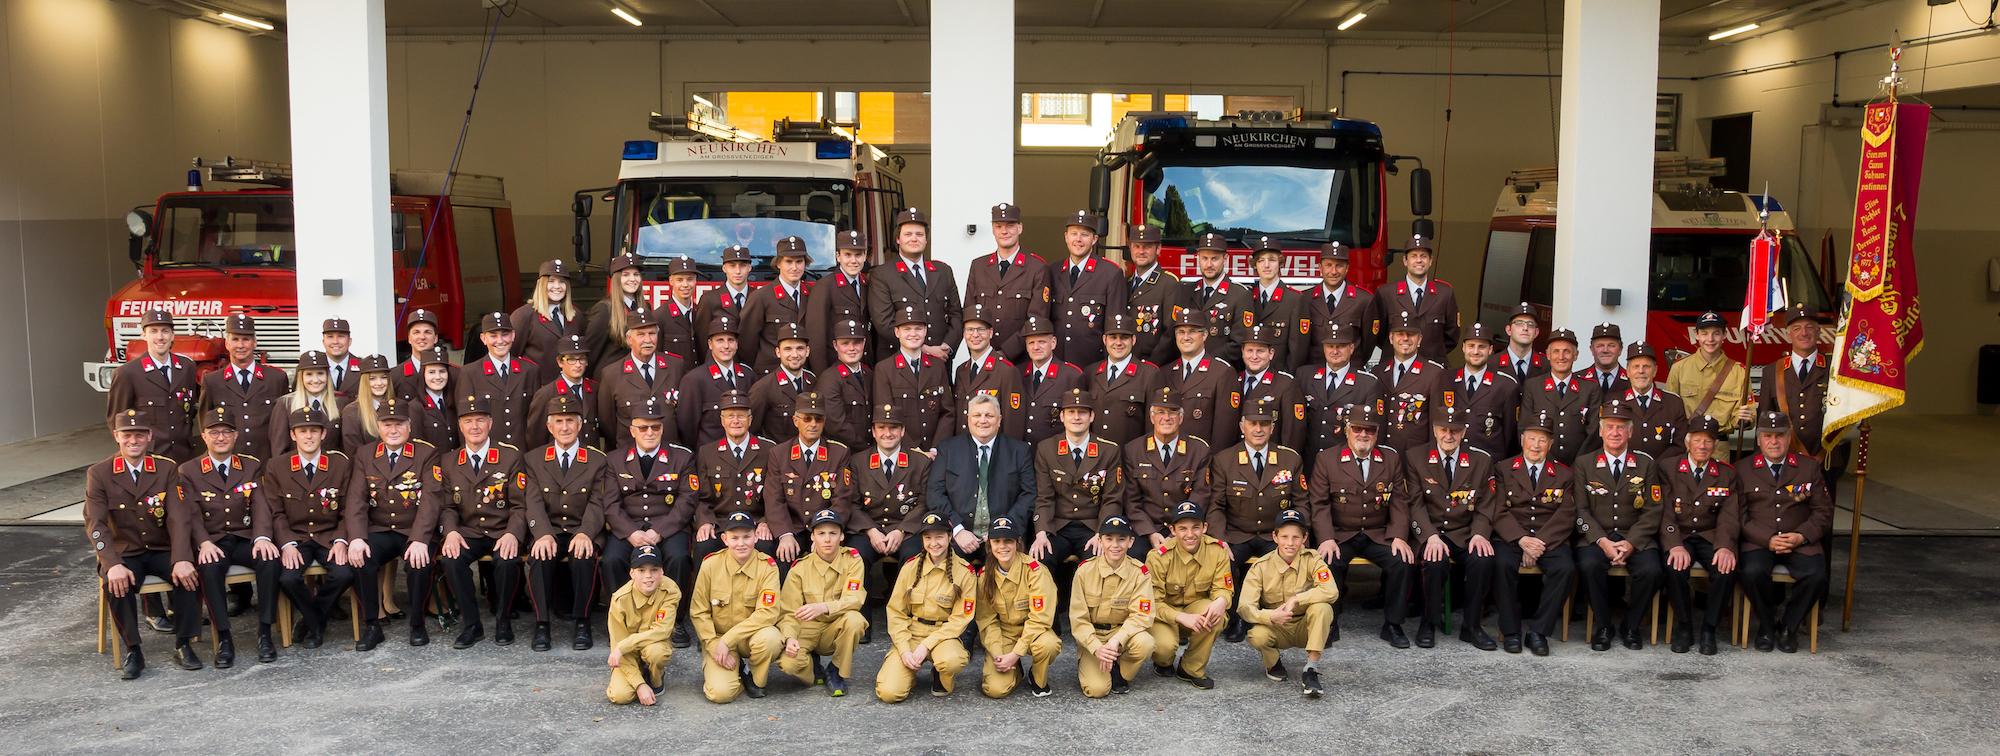 Feuerwehr Neukirchen 2019